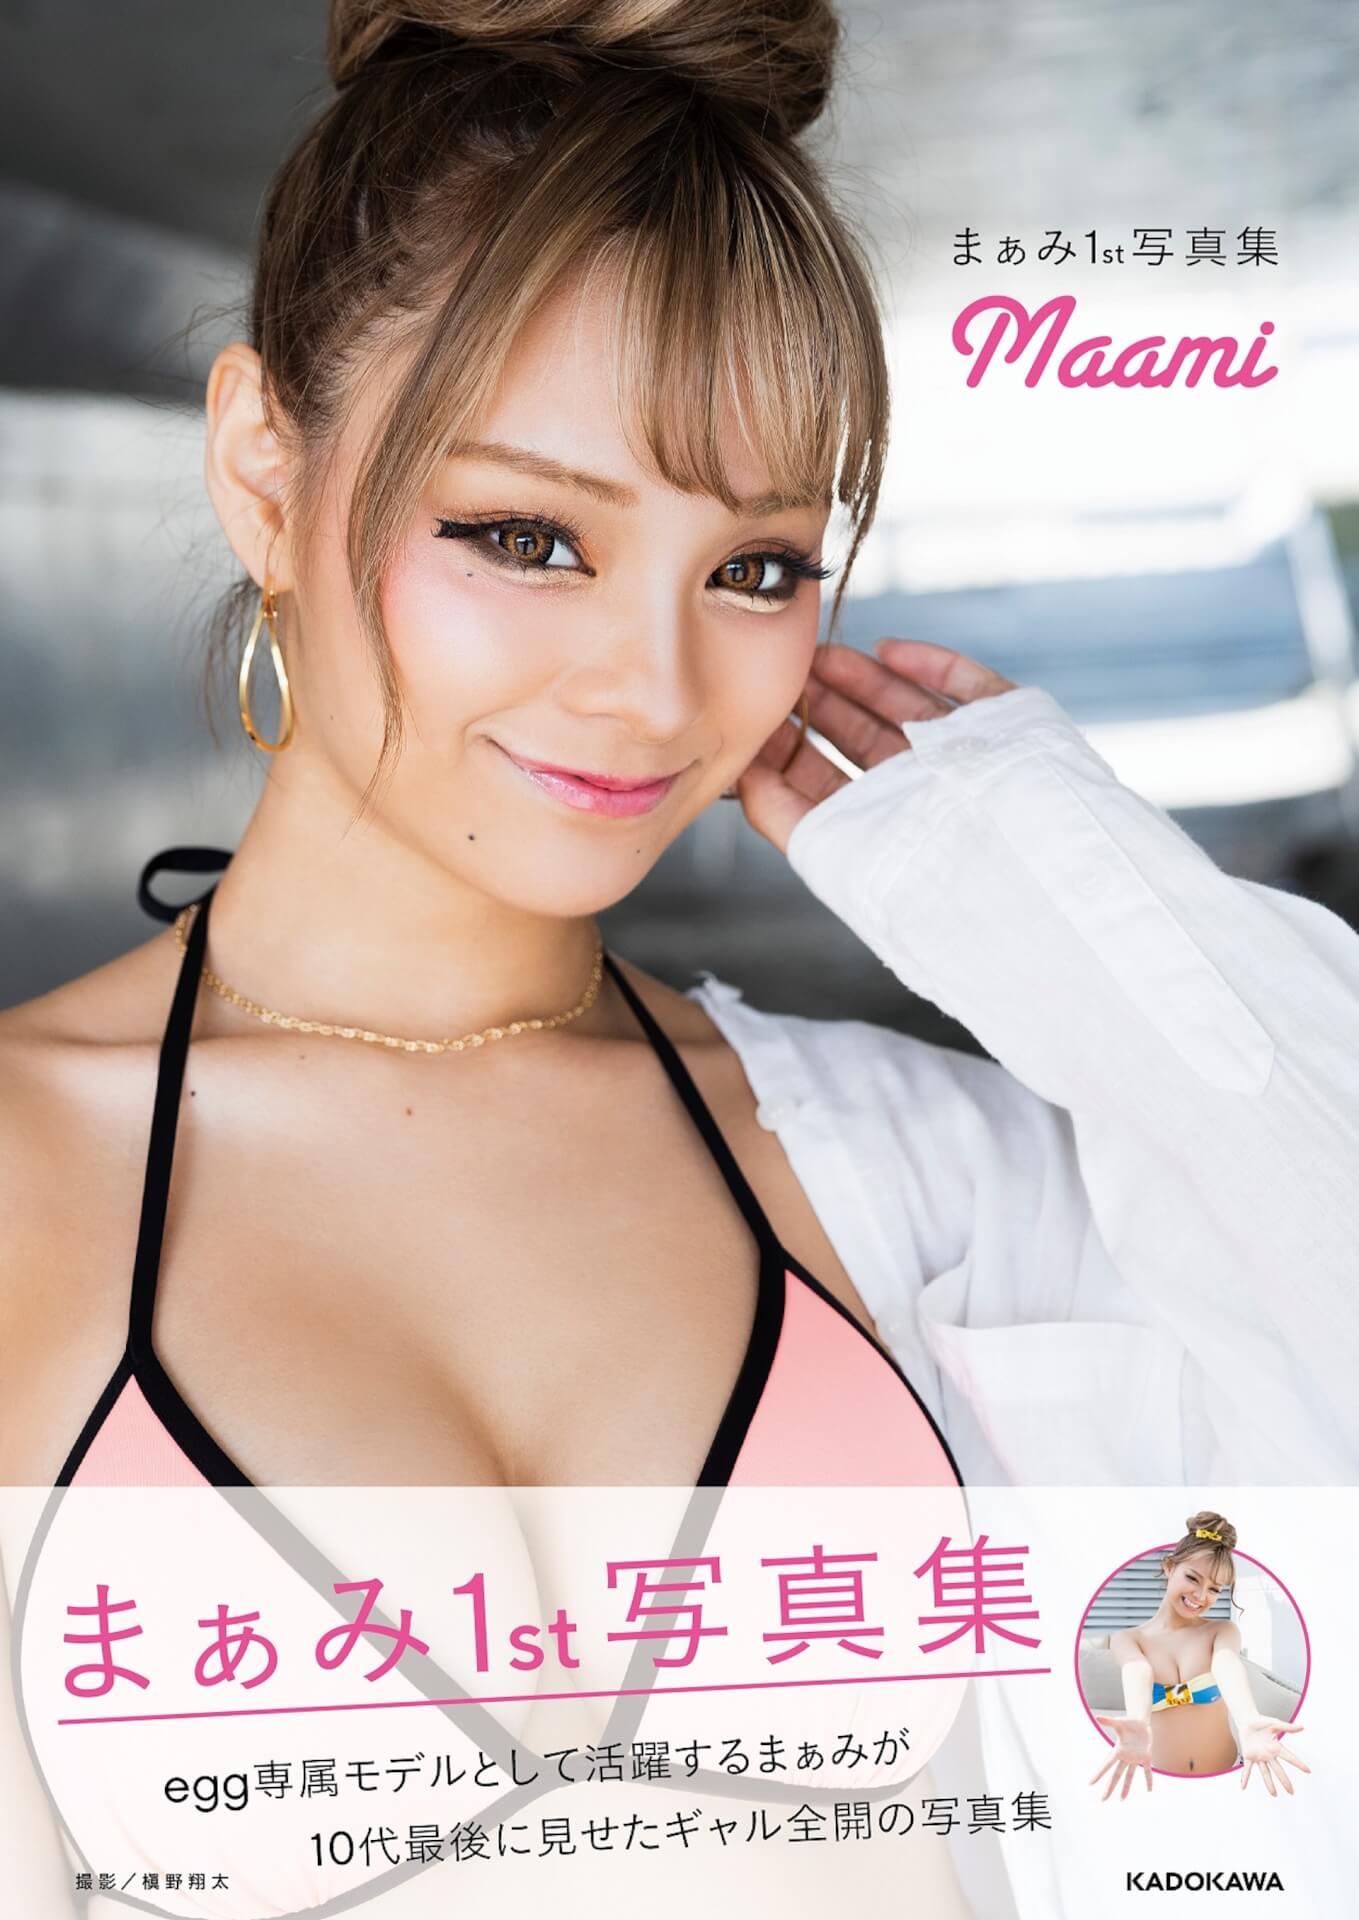 ギャルからオトナセクシーなカットも凝縮した『まぁみ1st写真集 Maami』が発売決定! art210614_maami_1